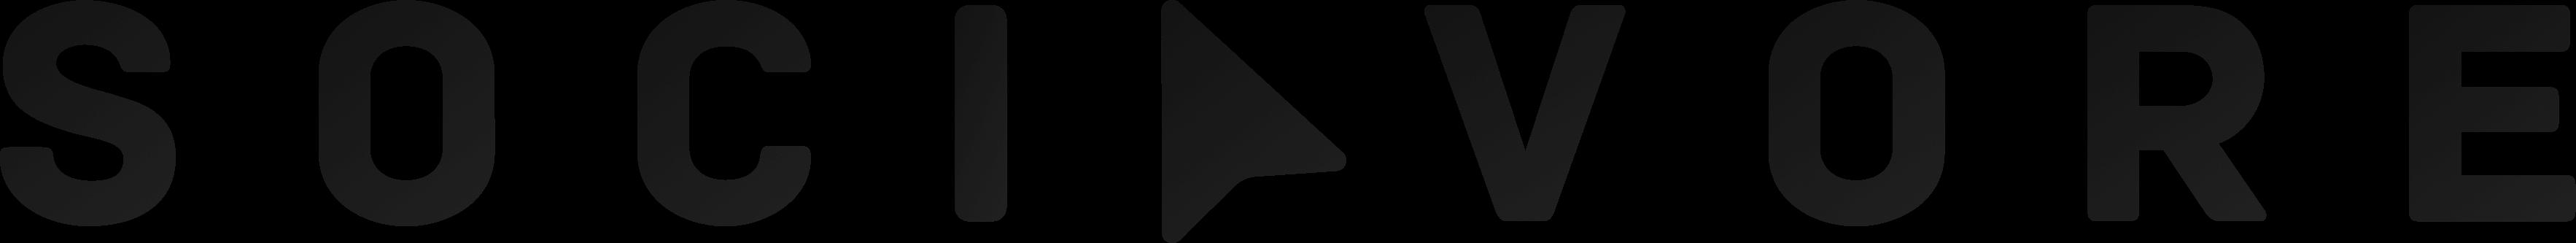 Sociavore logo.